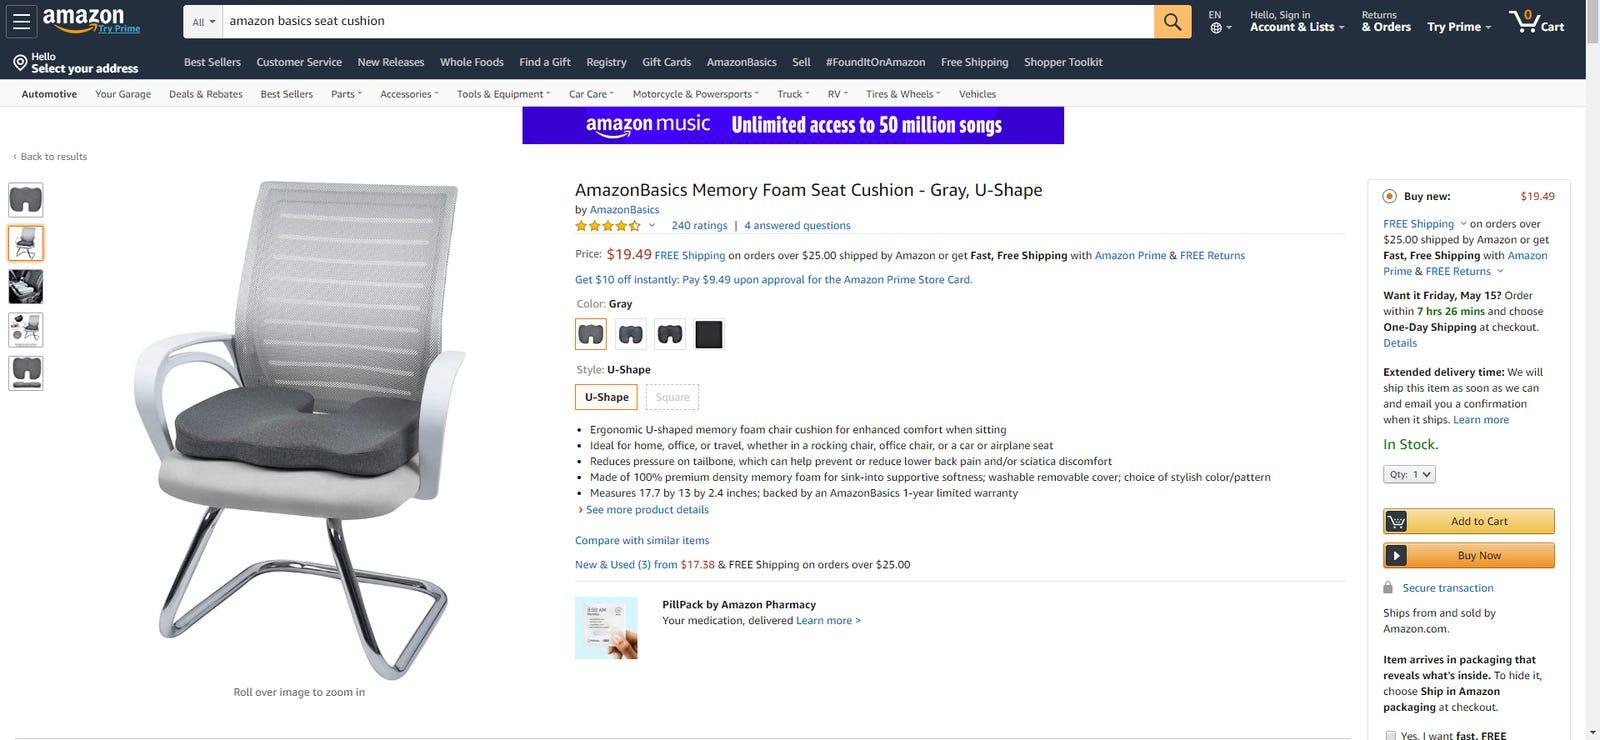 Amazon's own seat cushion.